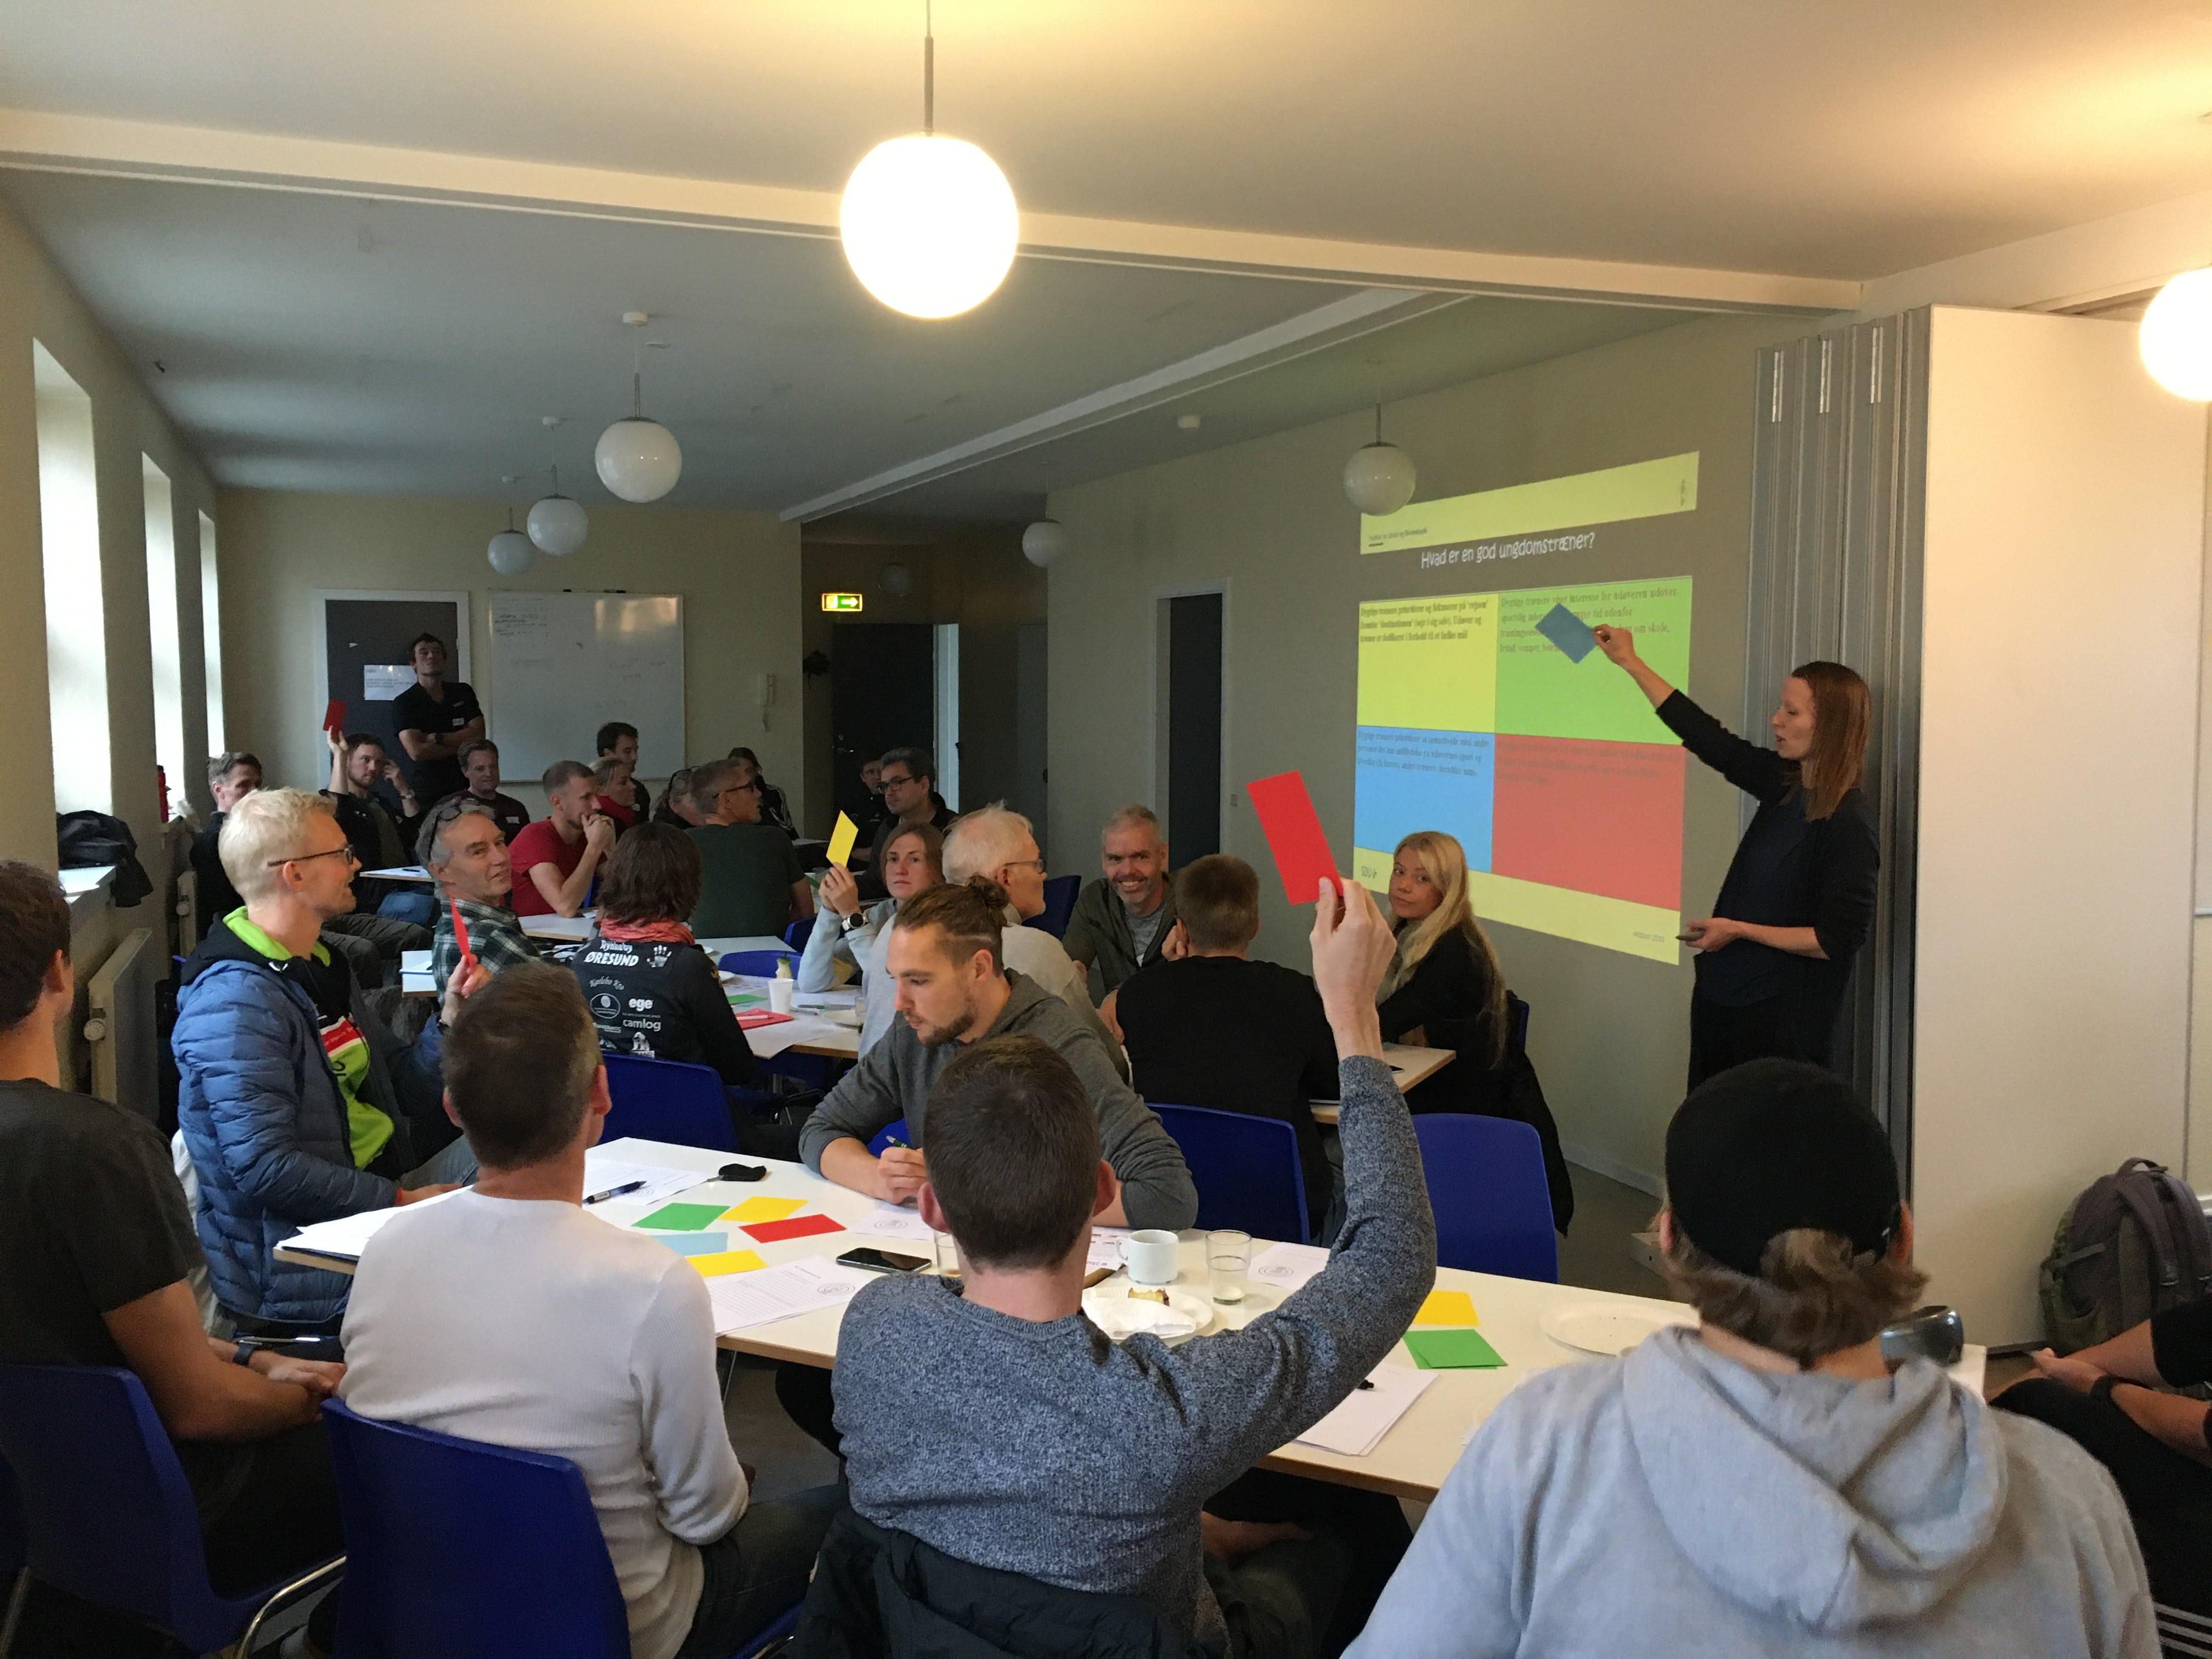 Børne- og Ungdomstræner seminar med 26 veloplagte deltagere